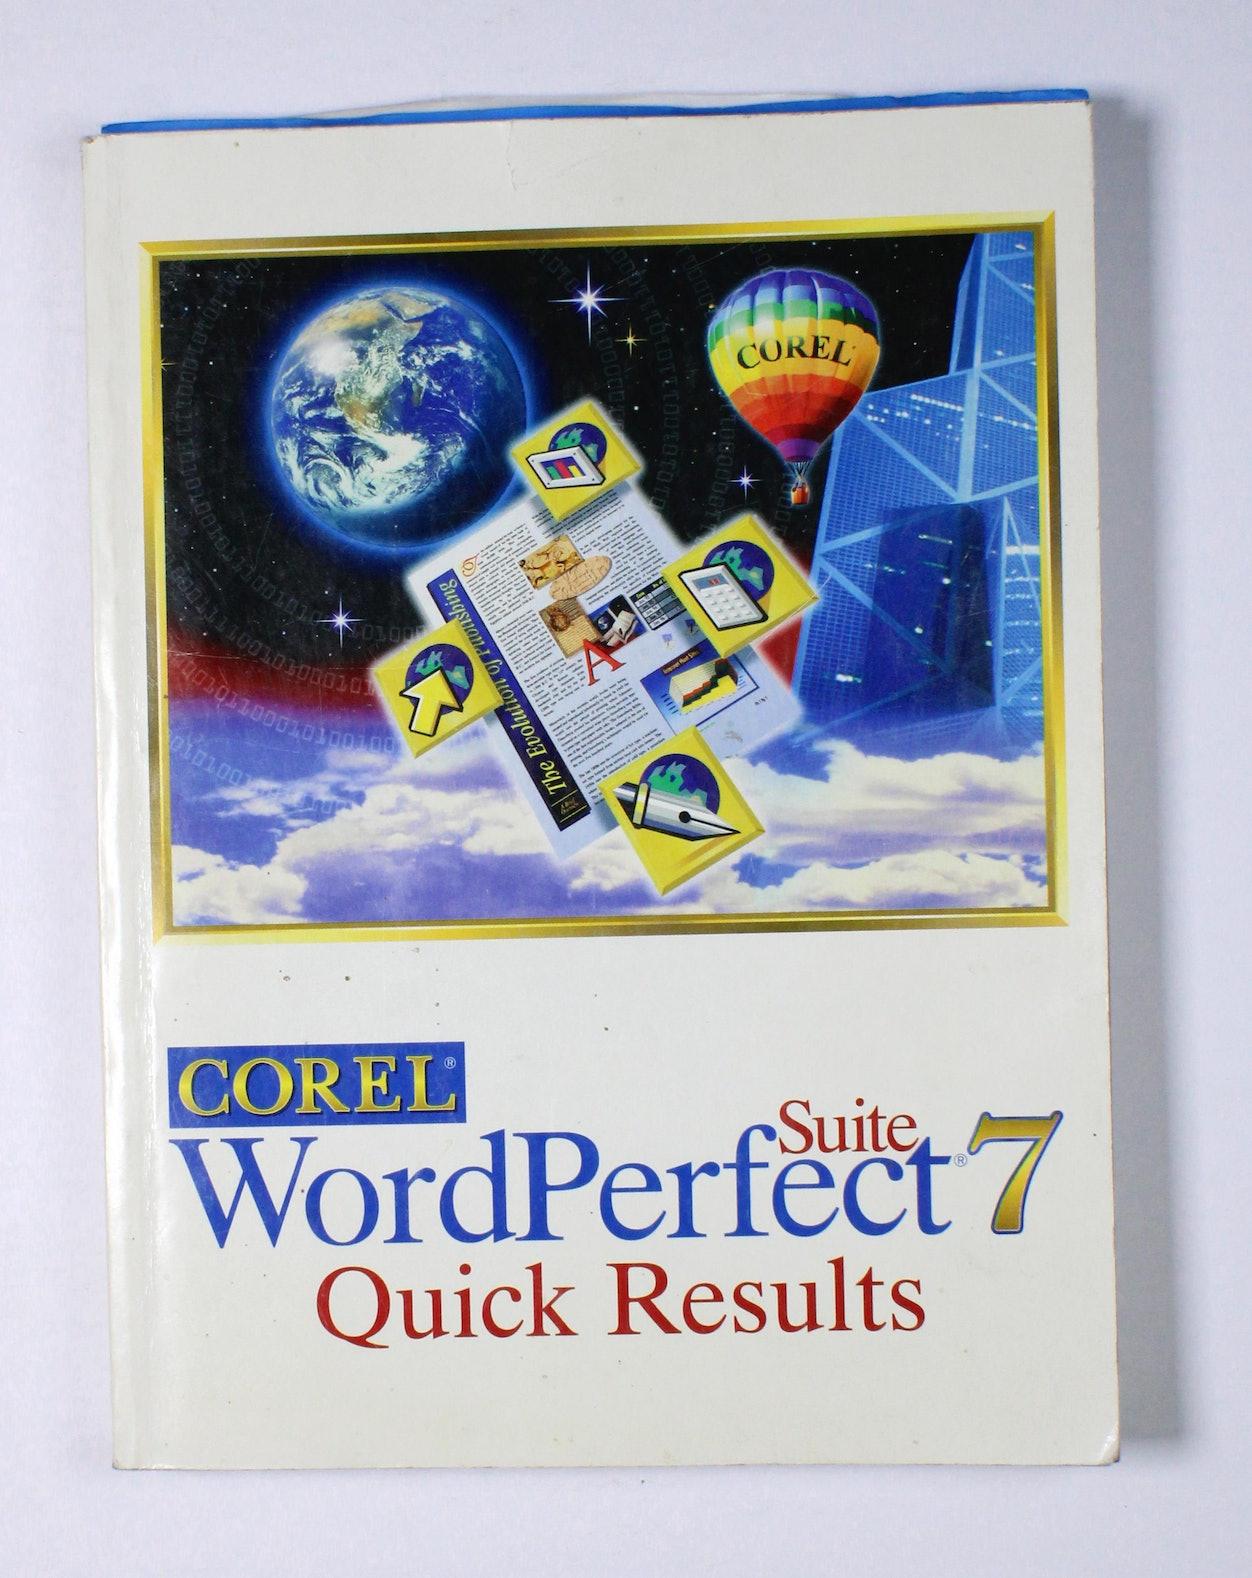 Corel: WordPerfect Suite 7 Quick Results